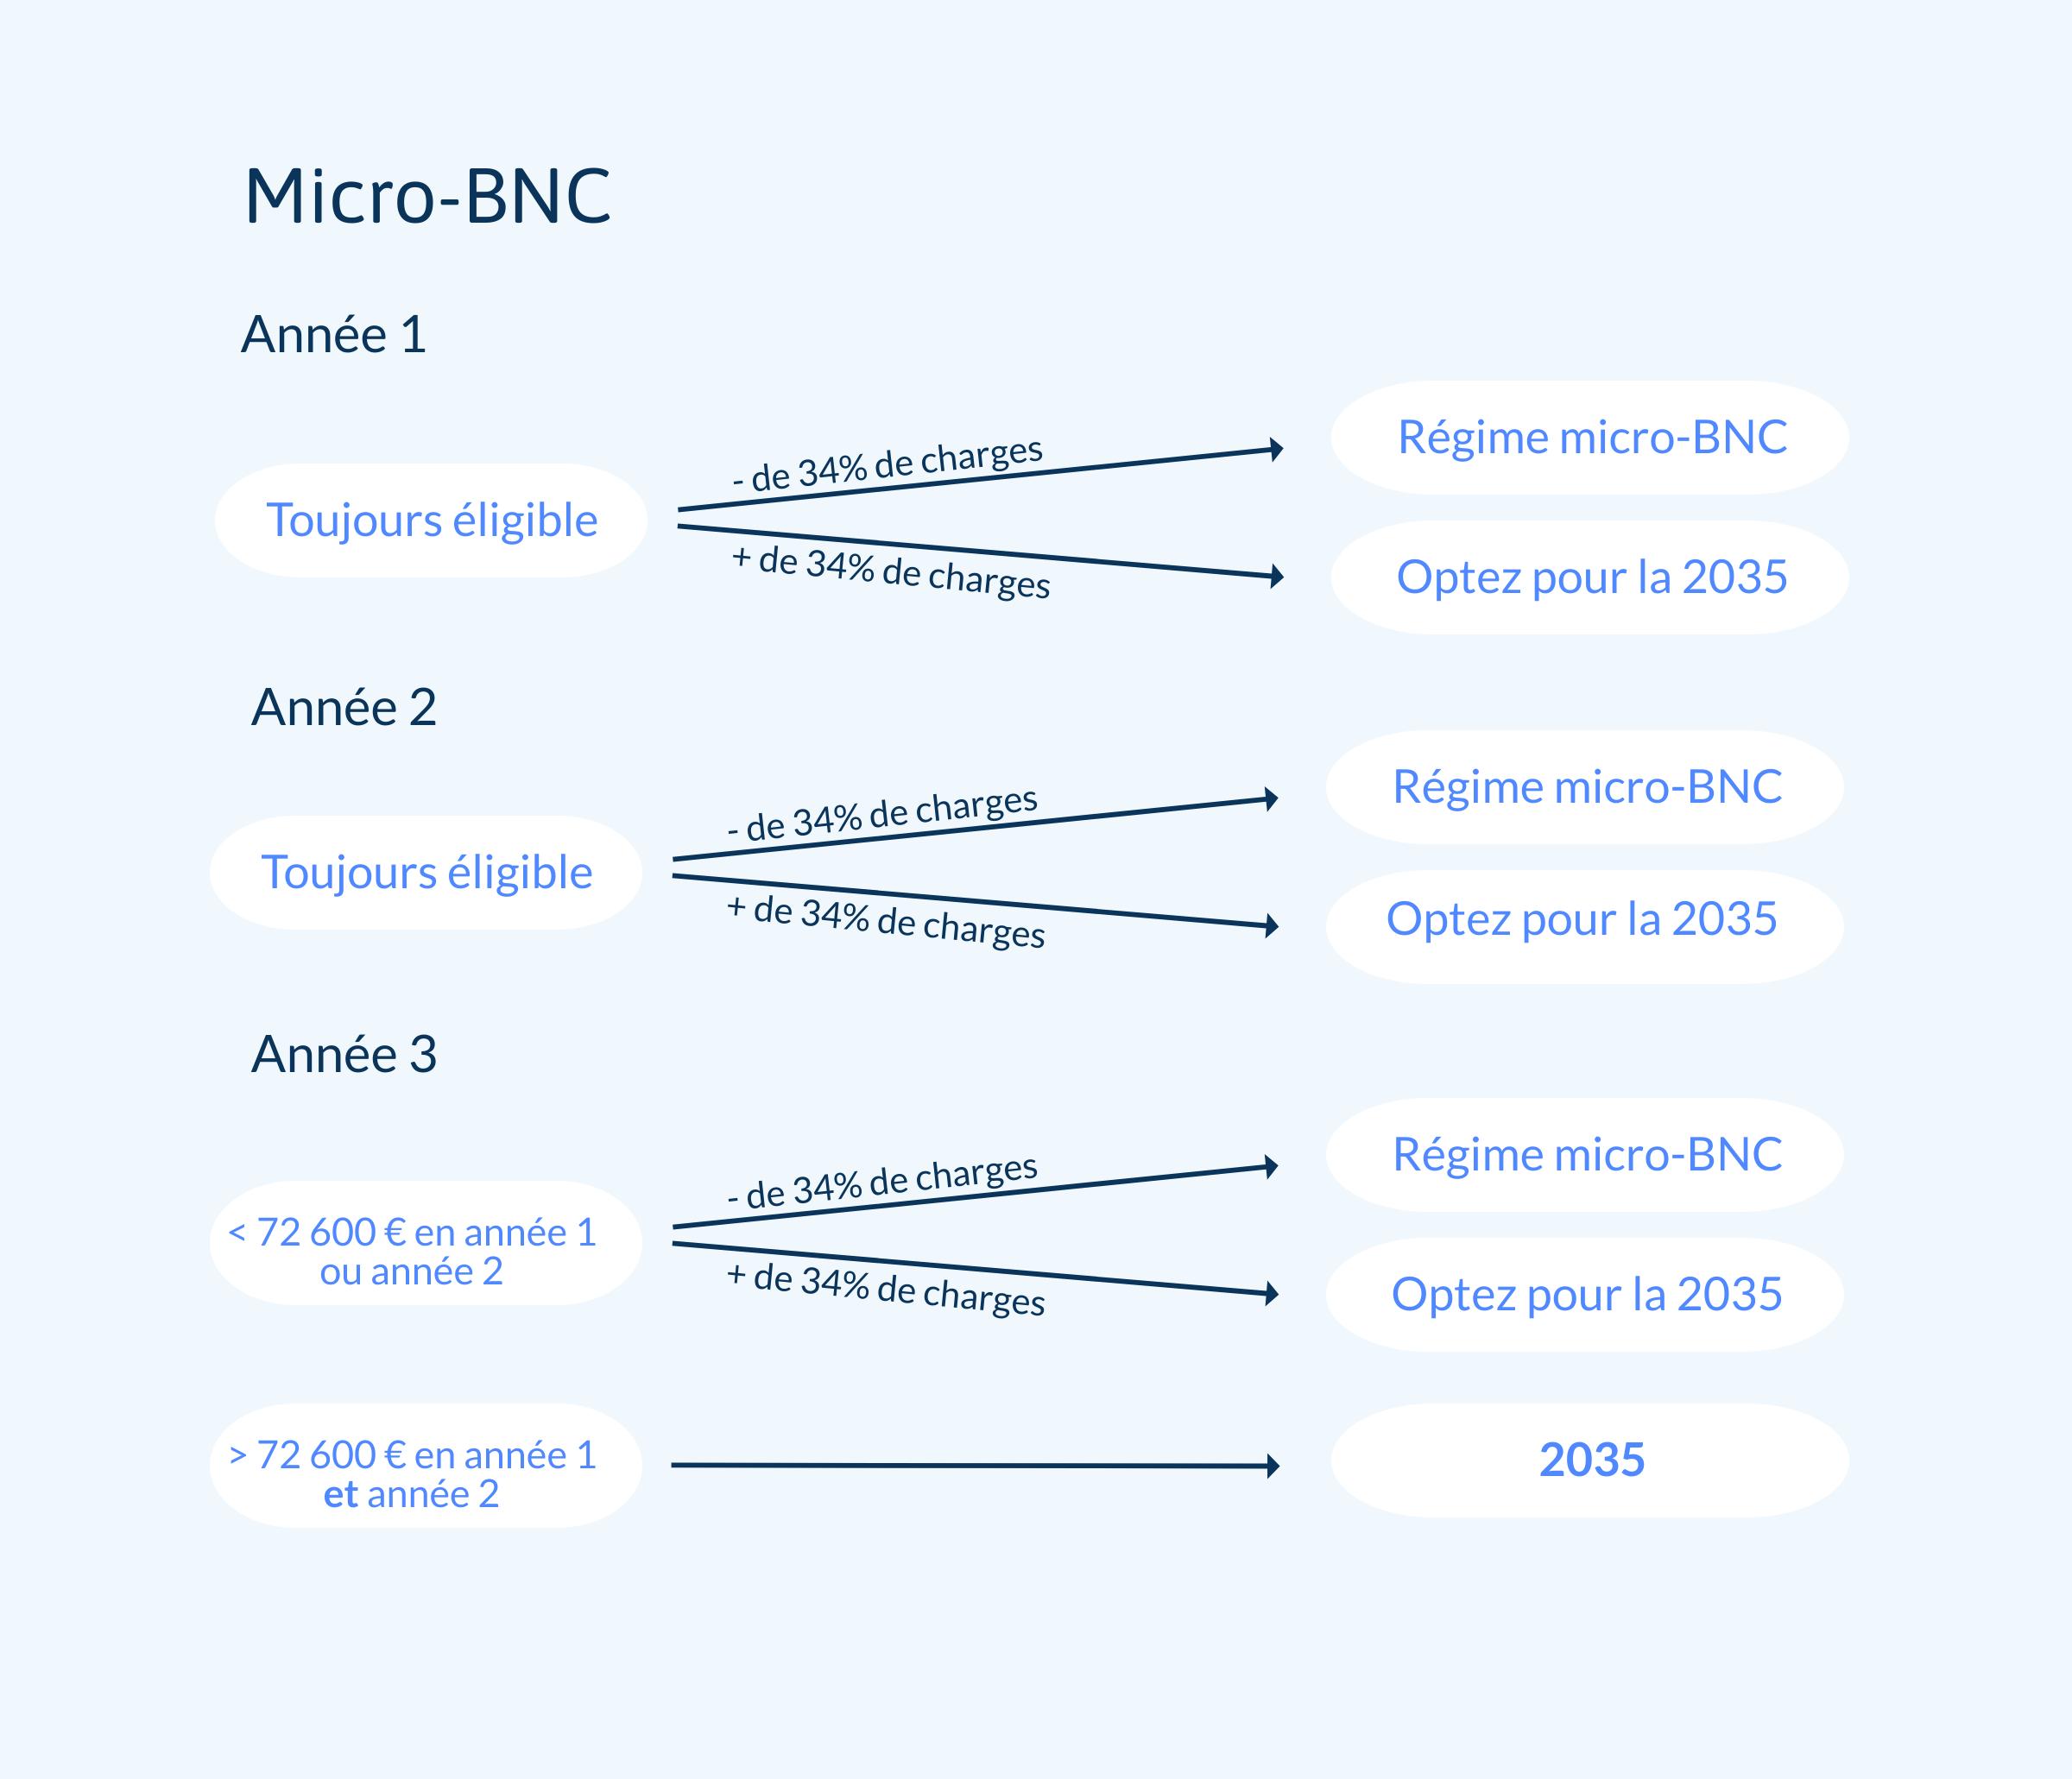 Graphique sur le choix entre micro-BNC et régime réel